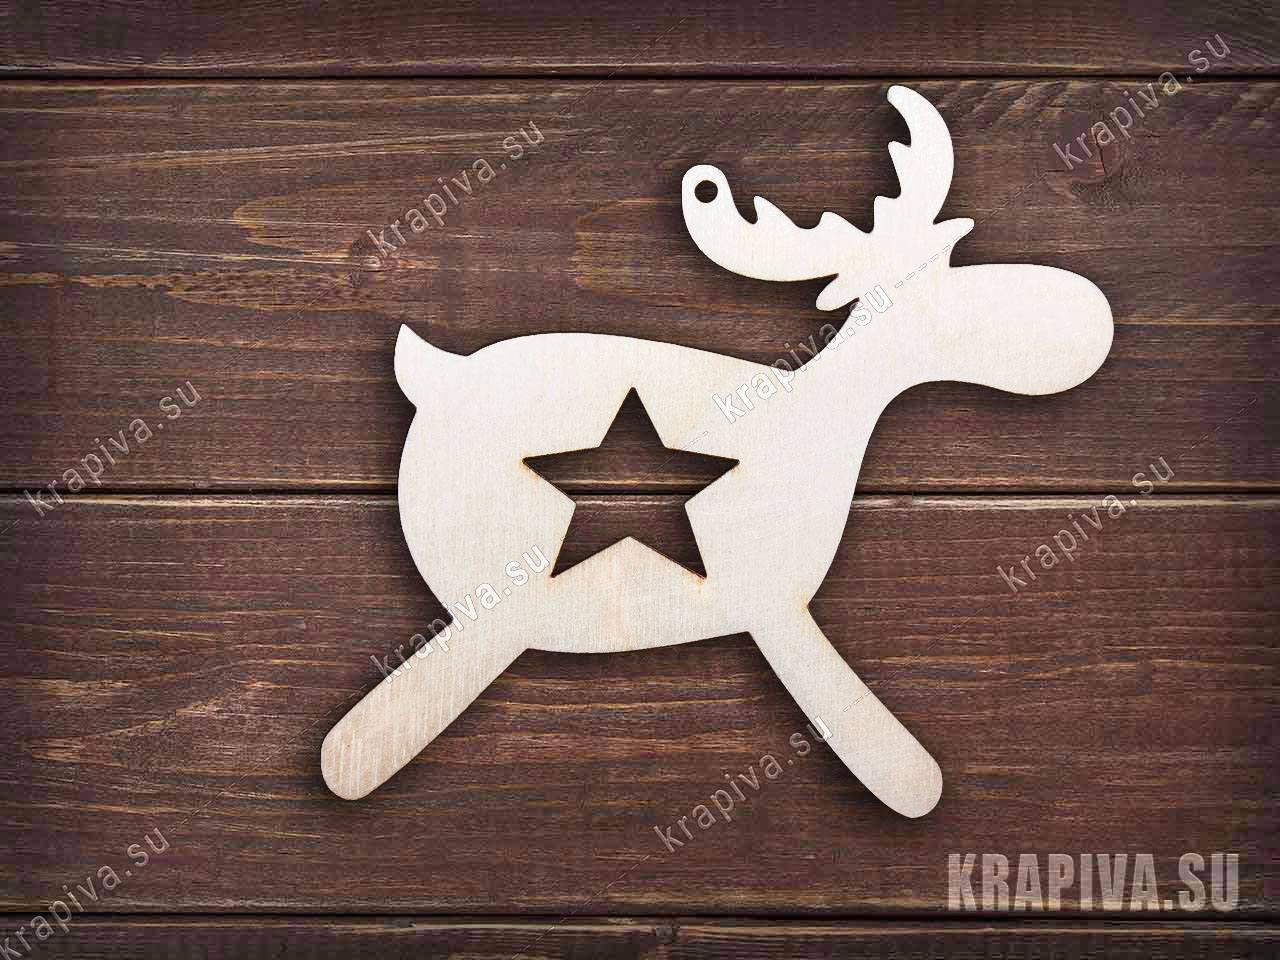 Заготовка елочной игрушки Олень №8 за 30 руб. в магазине Крапива (krapiva.su) (фото)